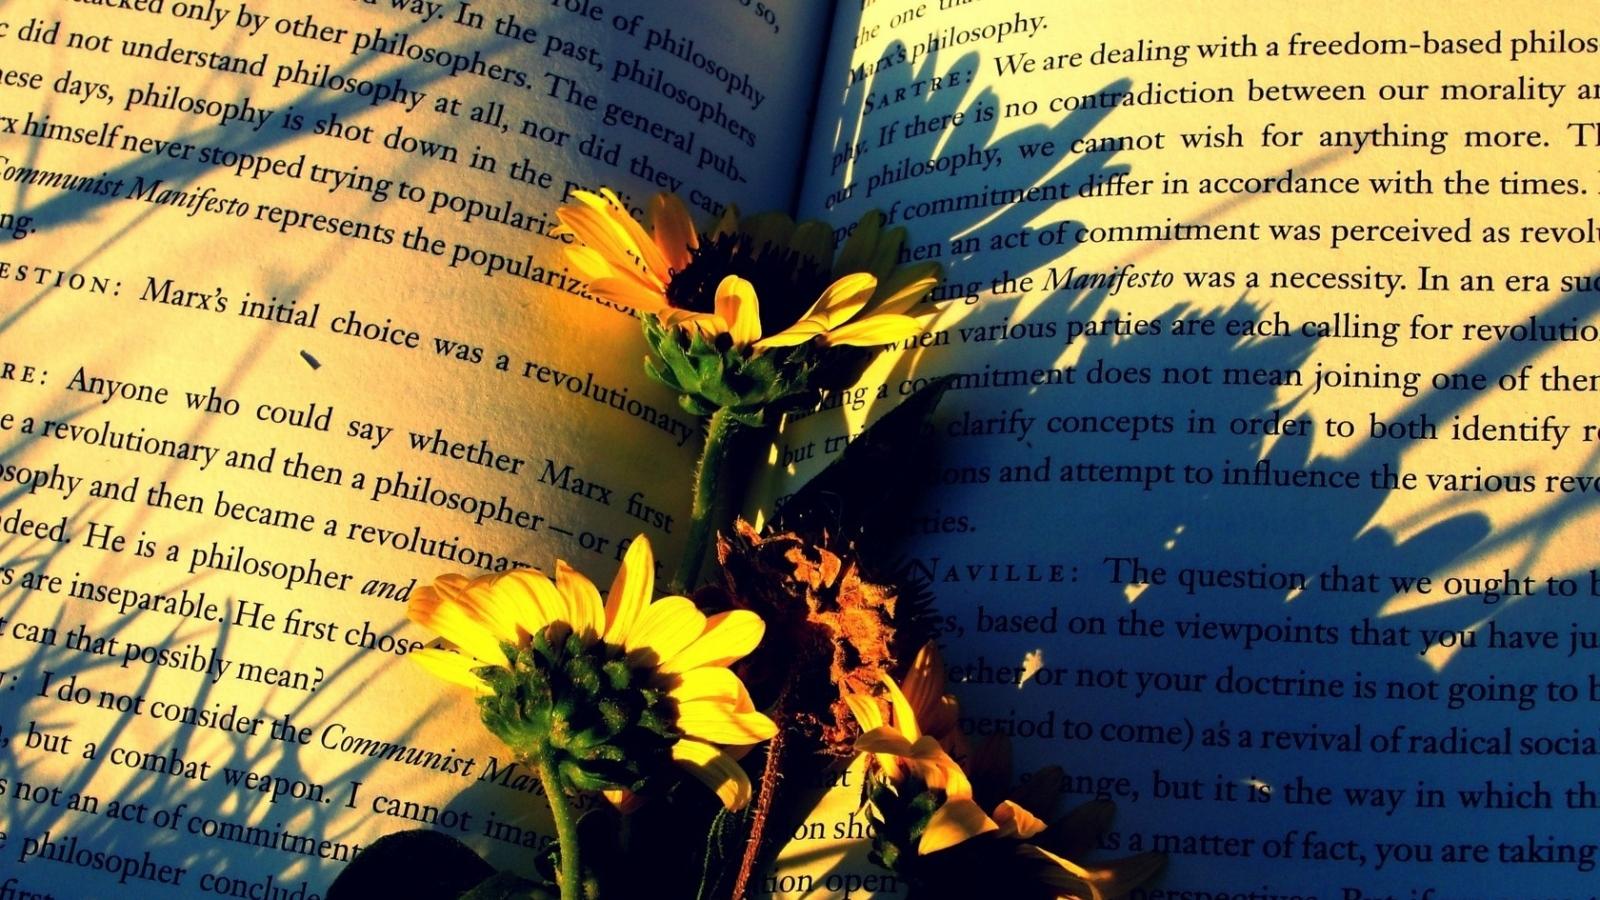 腹有诗书气自华:你读的书是你的气场